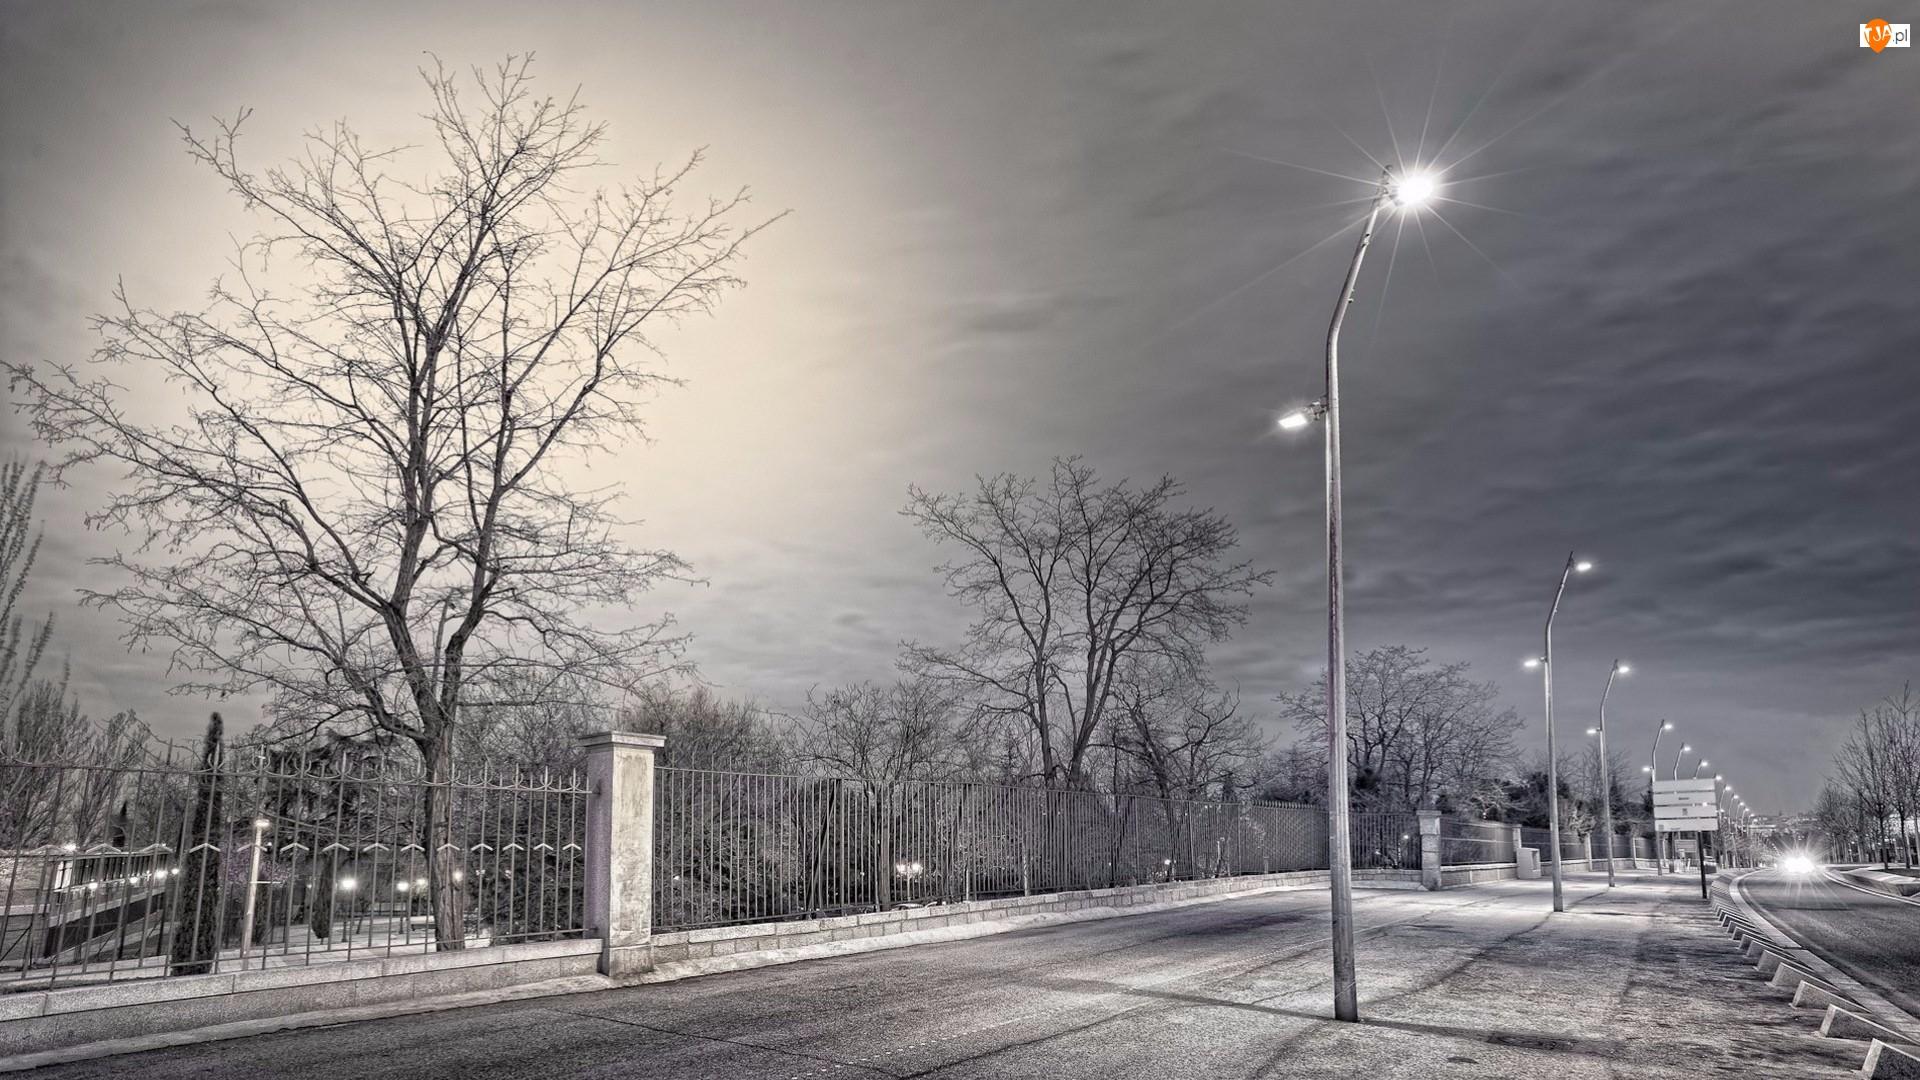 Drzewa, Ulica, Latarnie, Ogrodzenie, Wieczór